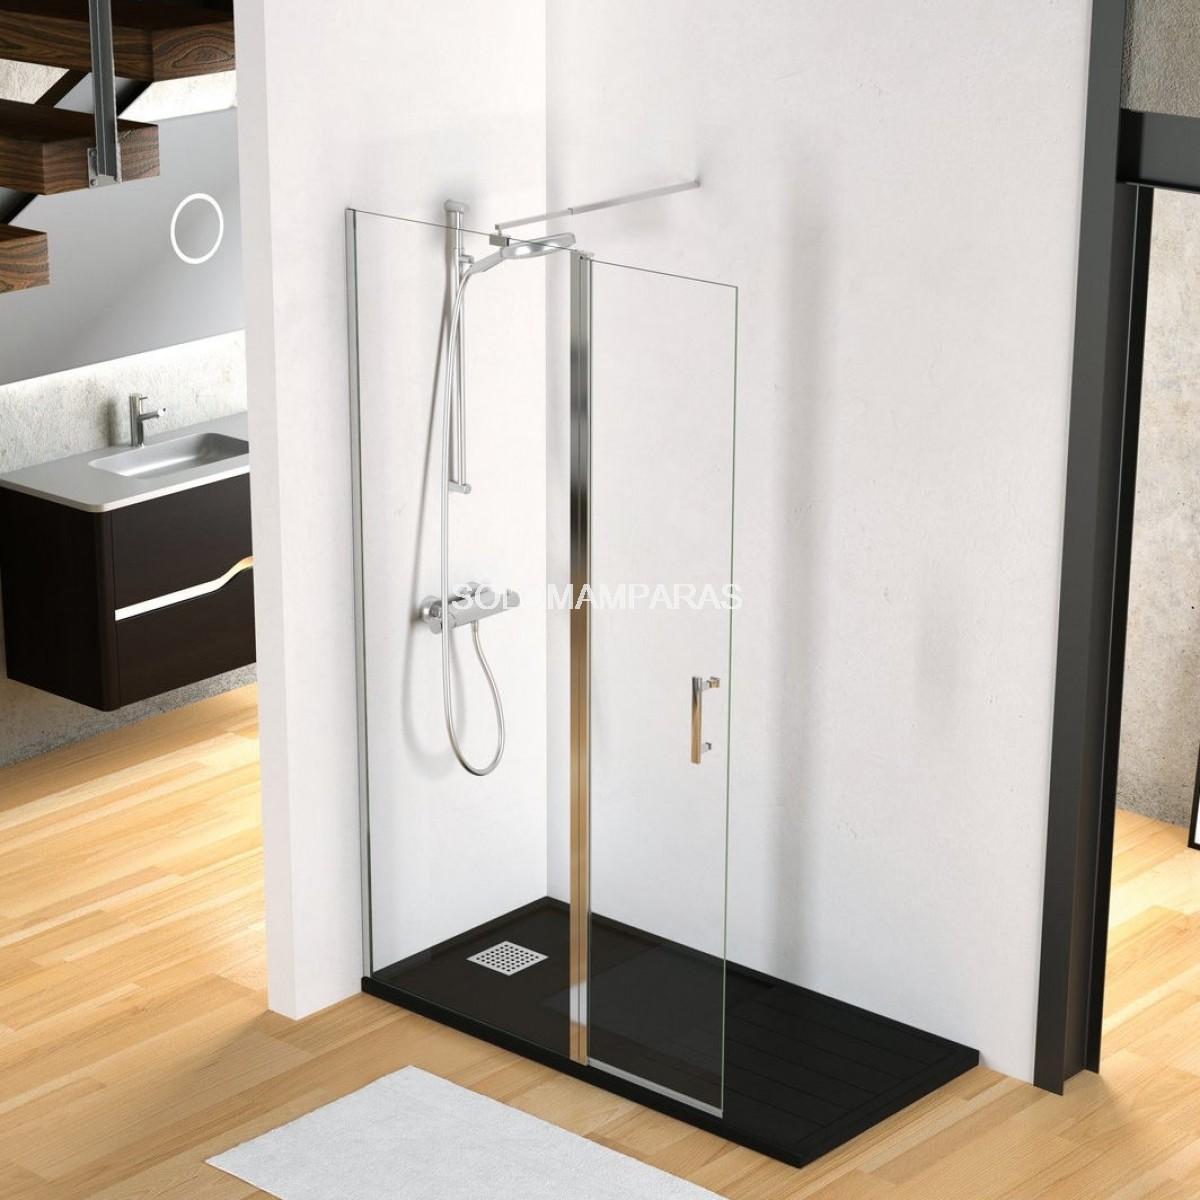 Mampara fijo de ducha milan lisa - Mamparas abatibles para ducha ...